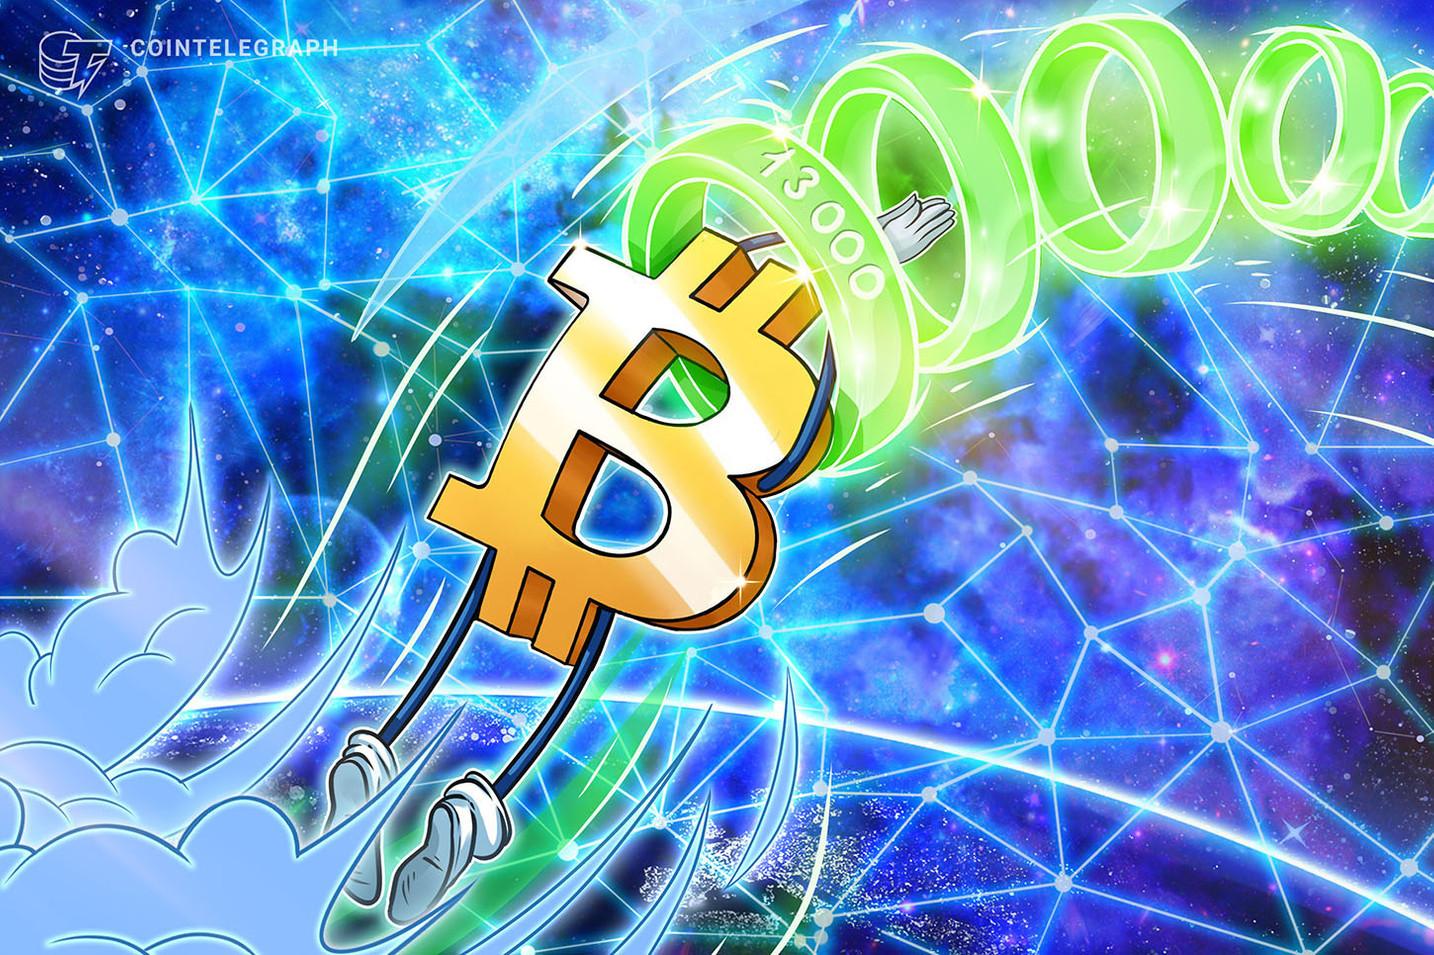 El sentimiento del mercado y los fundamentos en BTC todavía favorecen al alza en los precios de Bitcoin